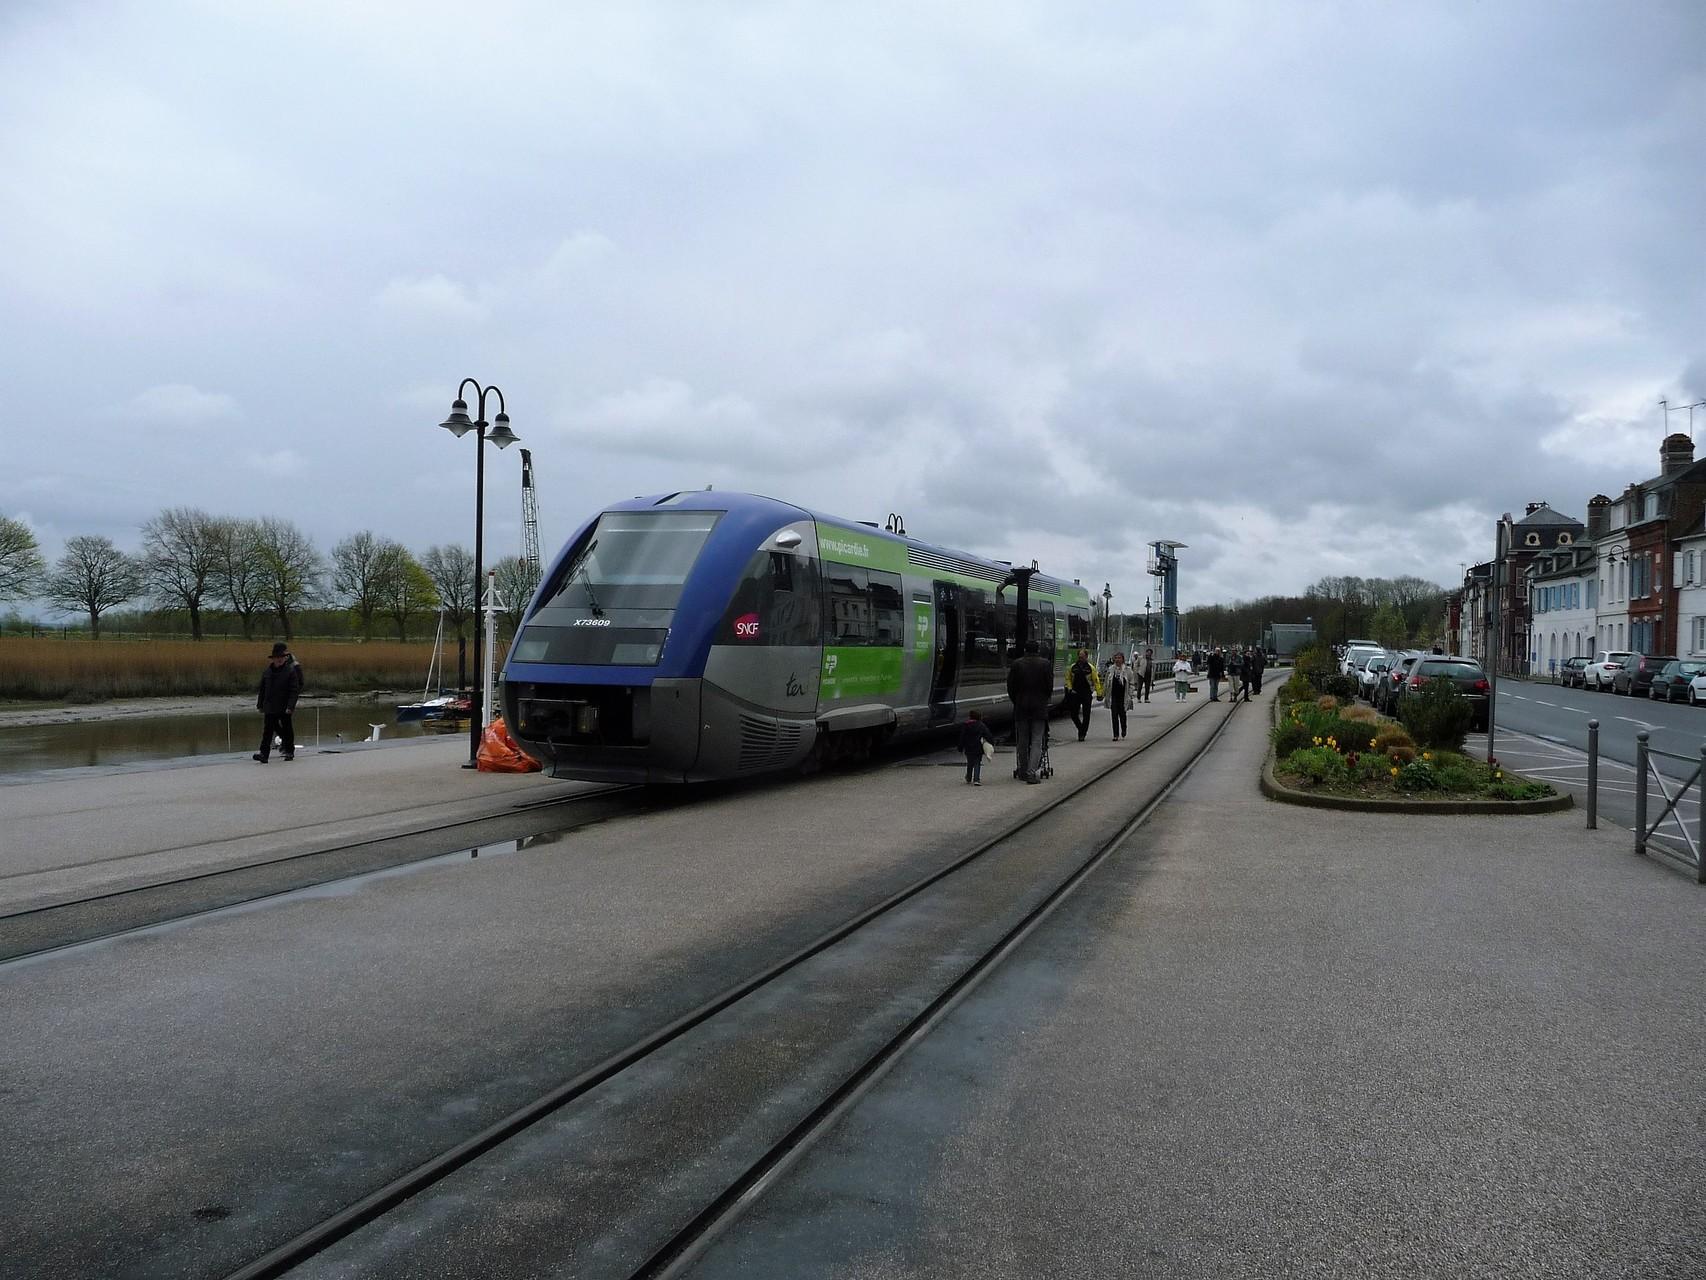 Autorail X-76500 de la SNCF TER Picardie - Saint-Valéry sur Somme